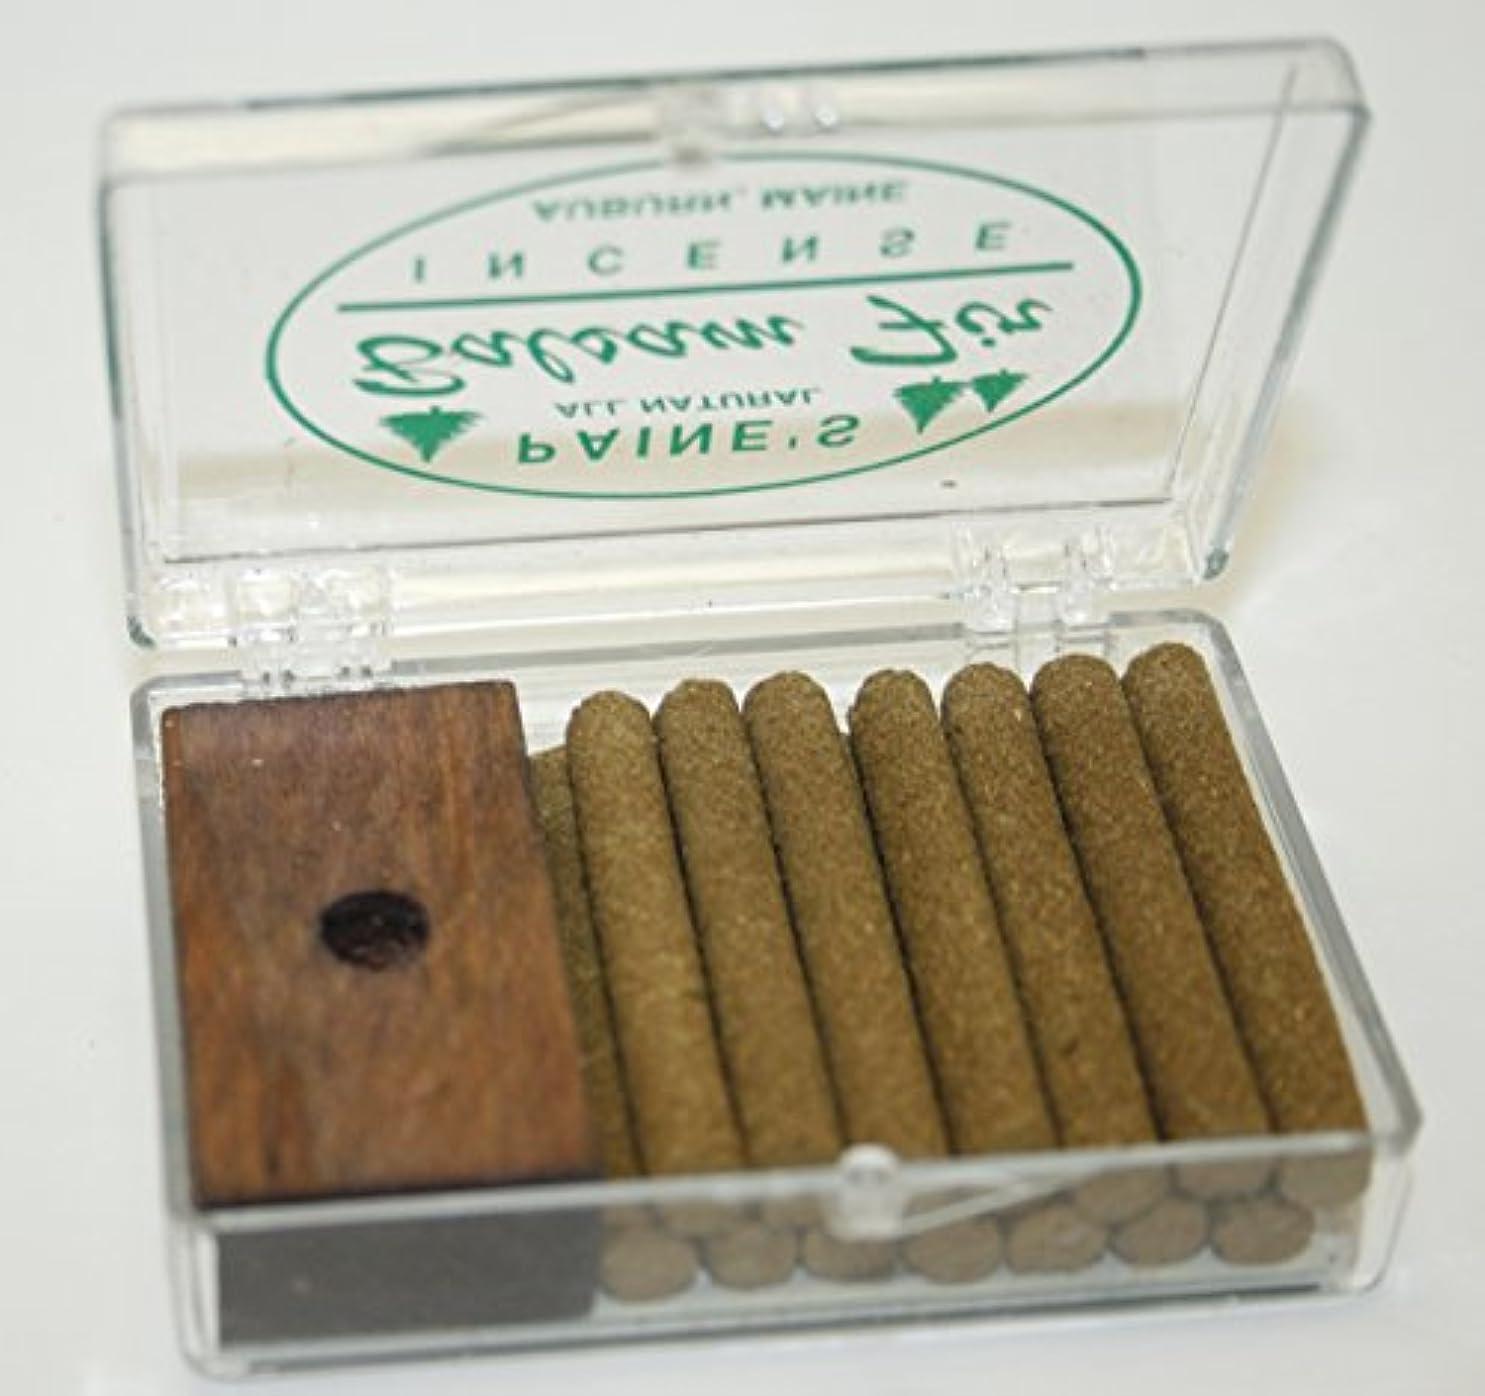 現実にはスラダム明らかにするINCENSE & BURNER comes w/ 14 balsam fir sticks Paine's wood holder lodge style by Paine's